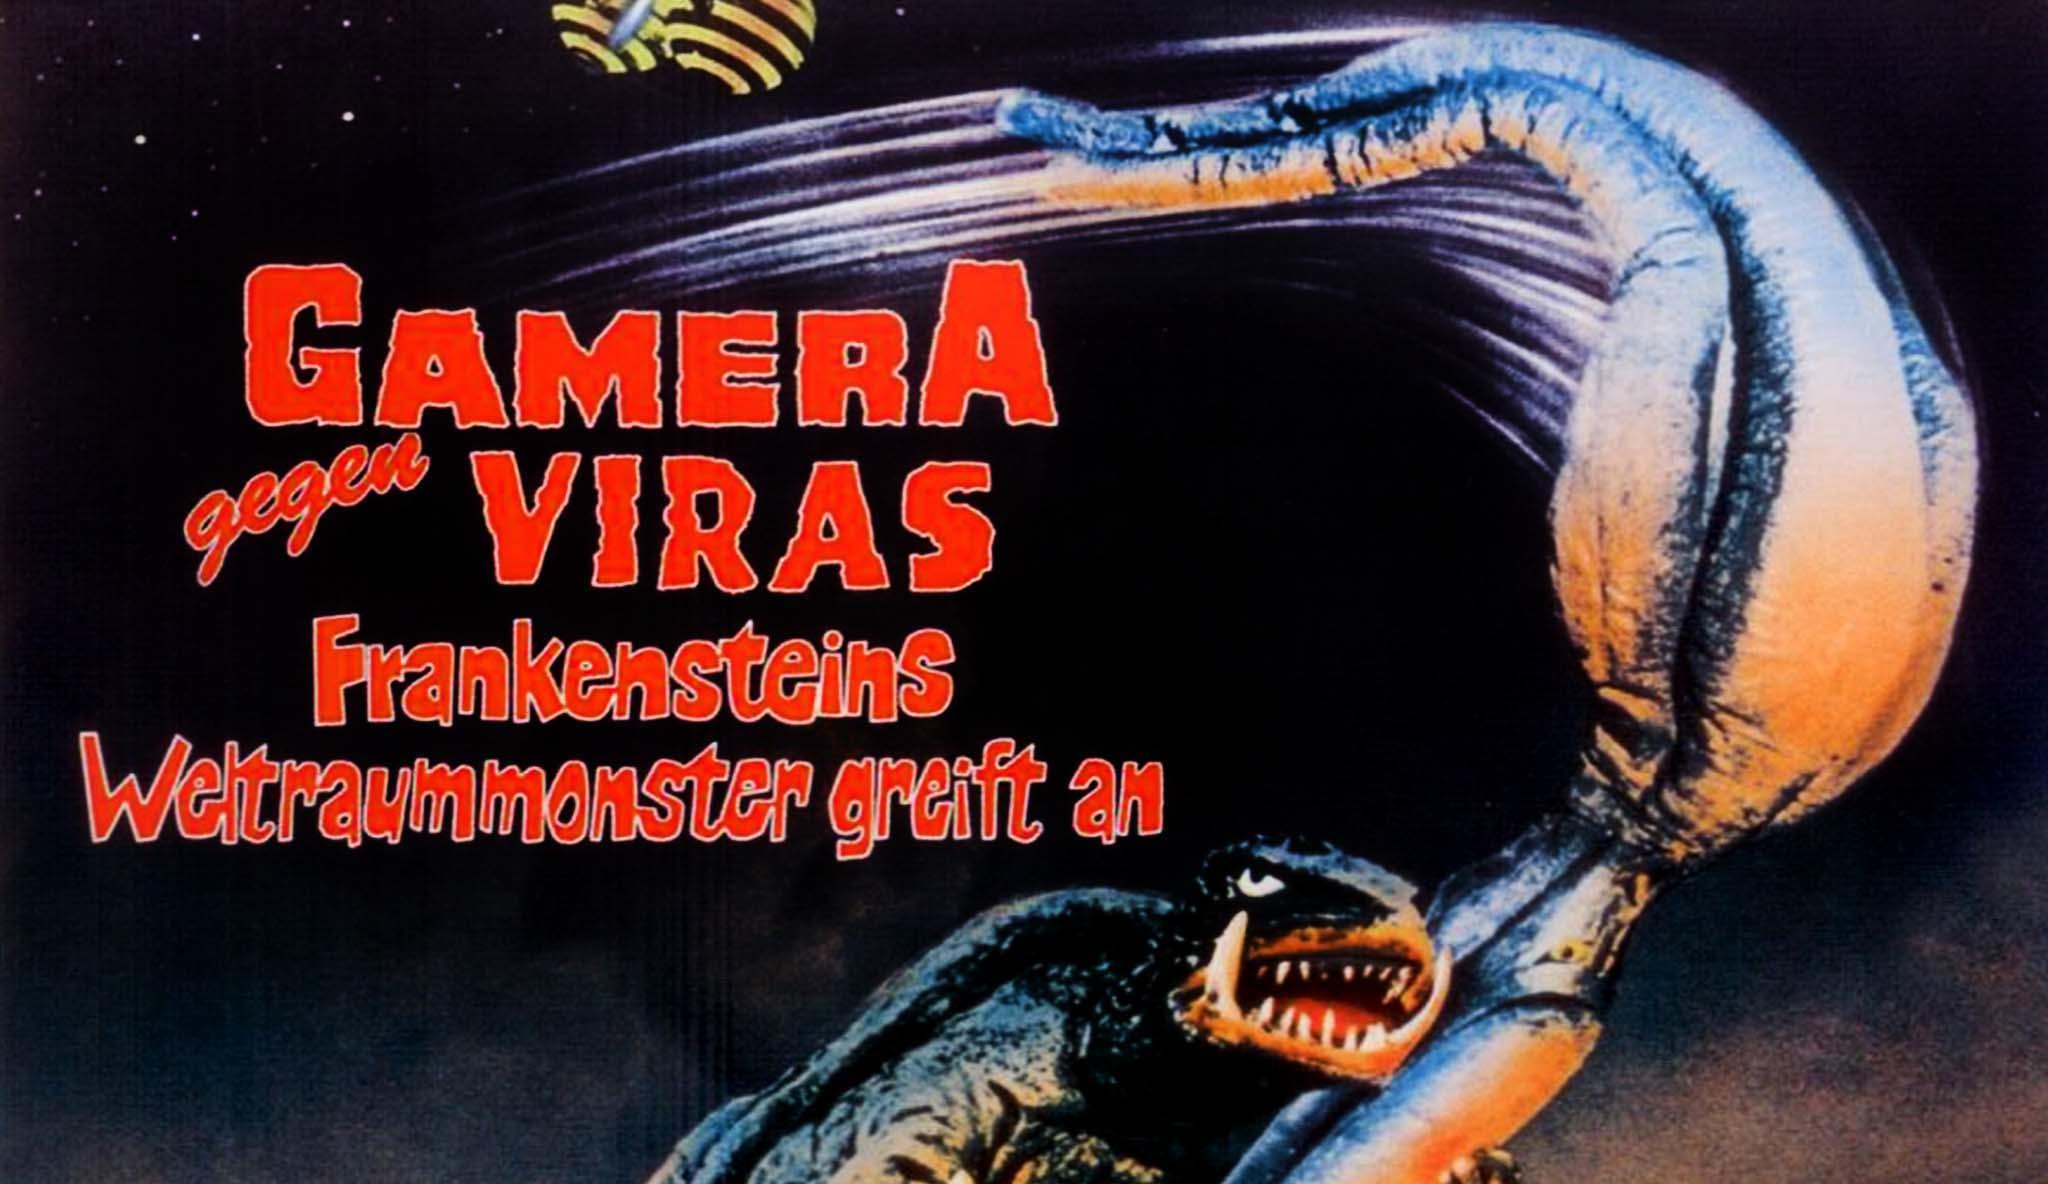 gamera-gegen-viras-frankensteins-weltraummonster-greift-an\widescreen.jpg